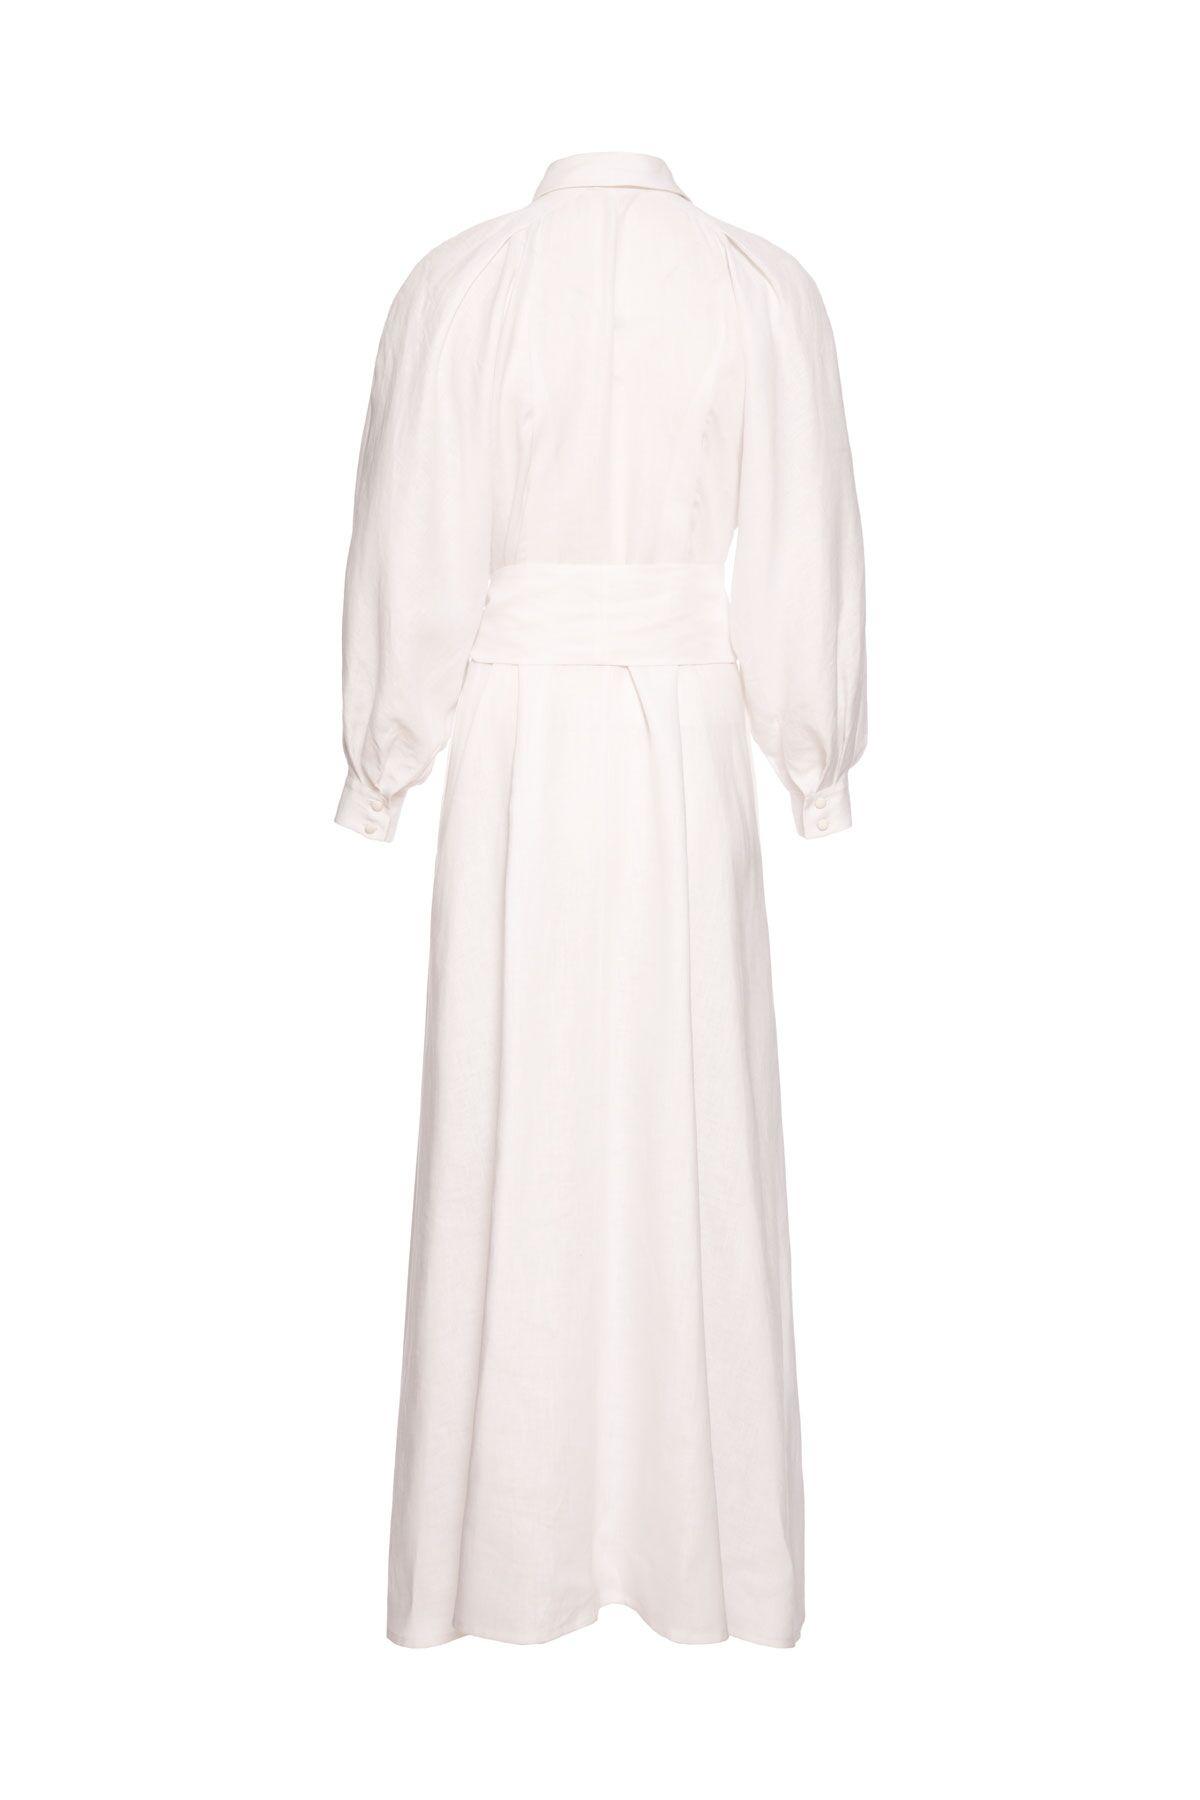 Belde Fiyonk Detaylı Uzun Gömlek Elbise